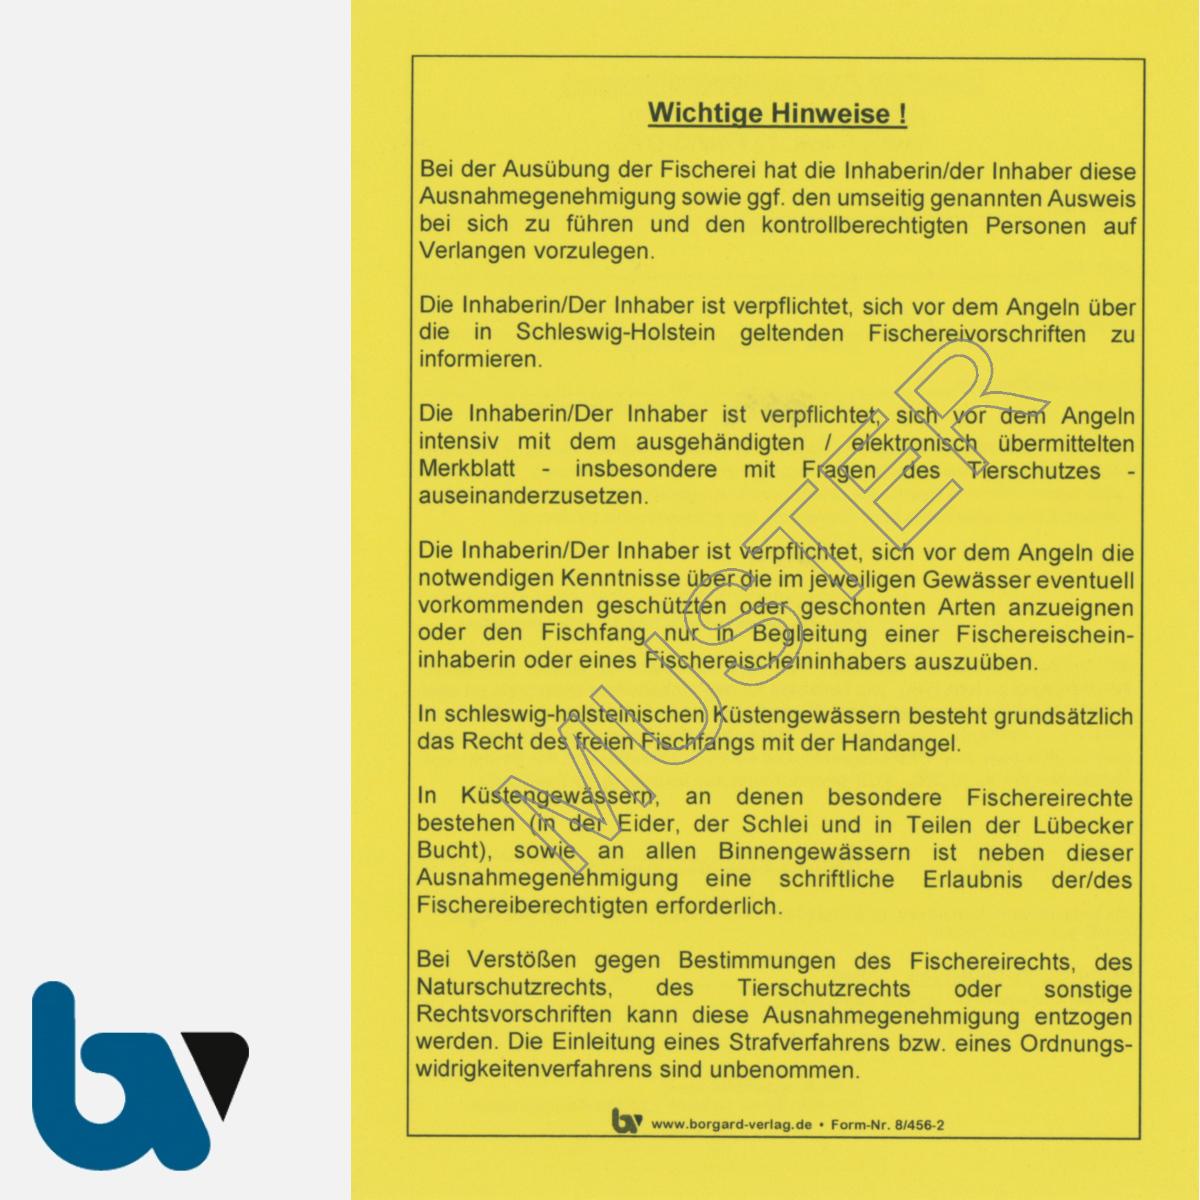 8/456-2 Ausnahmegenehmigung Schleswig Holstein §5 Fischereigesetz Muster DIN A6 Neobond gelb Rückseite   Borgard Verlag GmbH